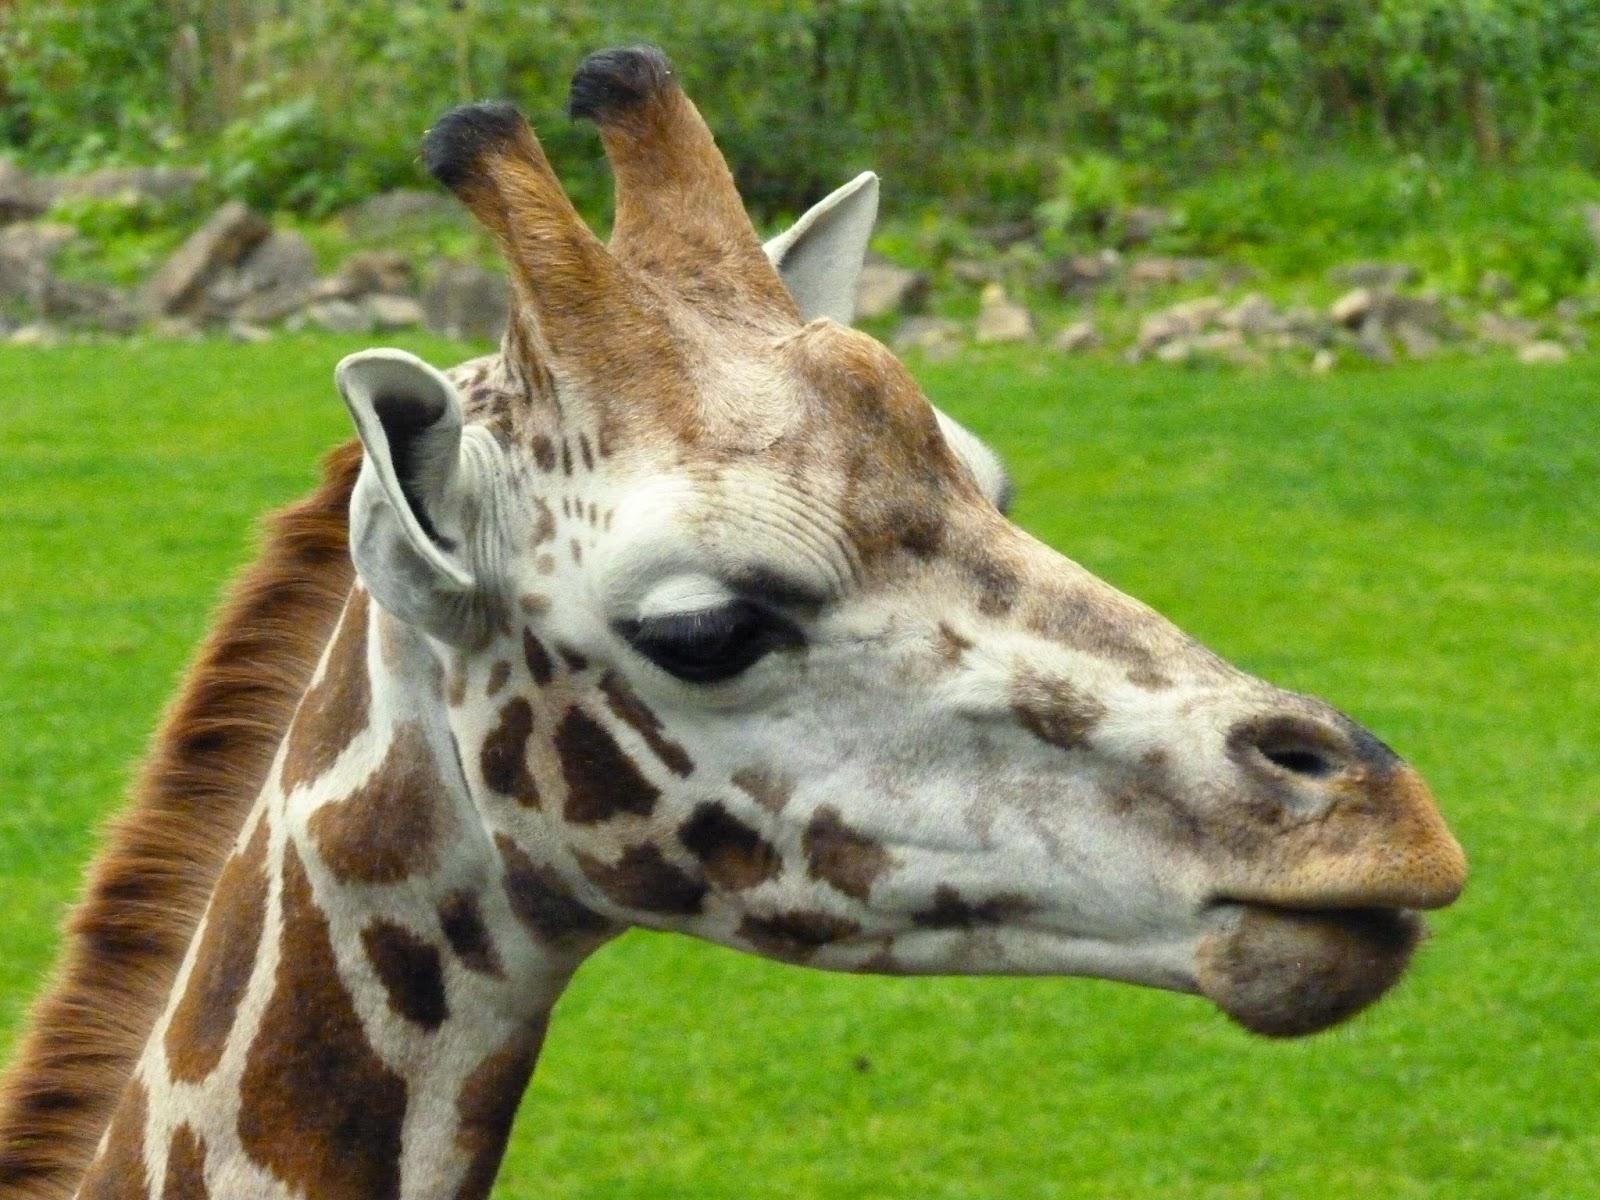 Giraffen können schöne Gesichter ziehen.